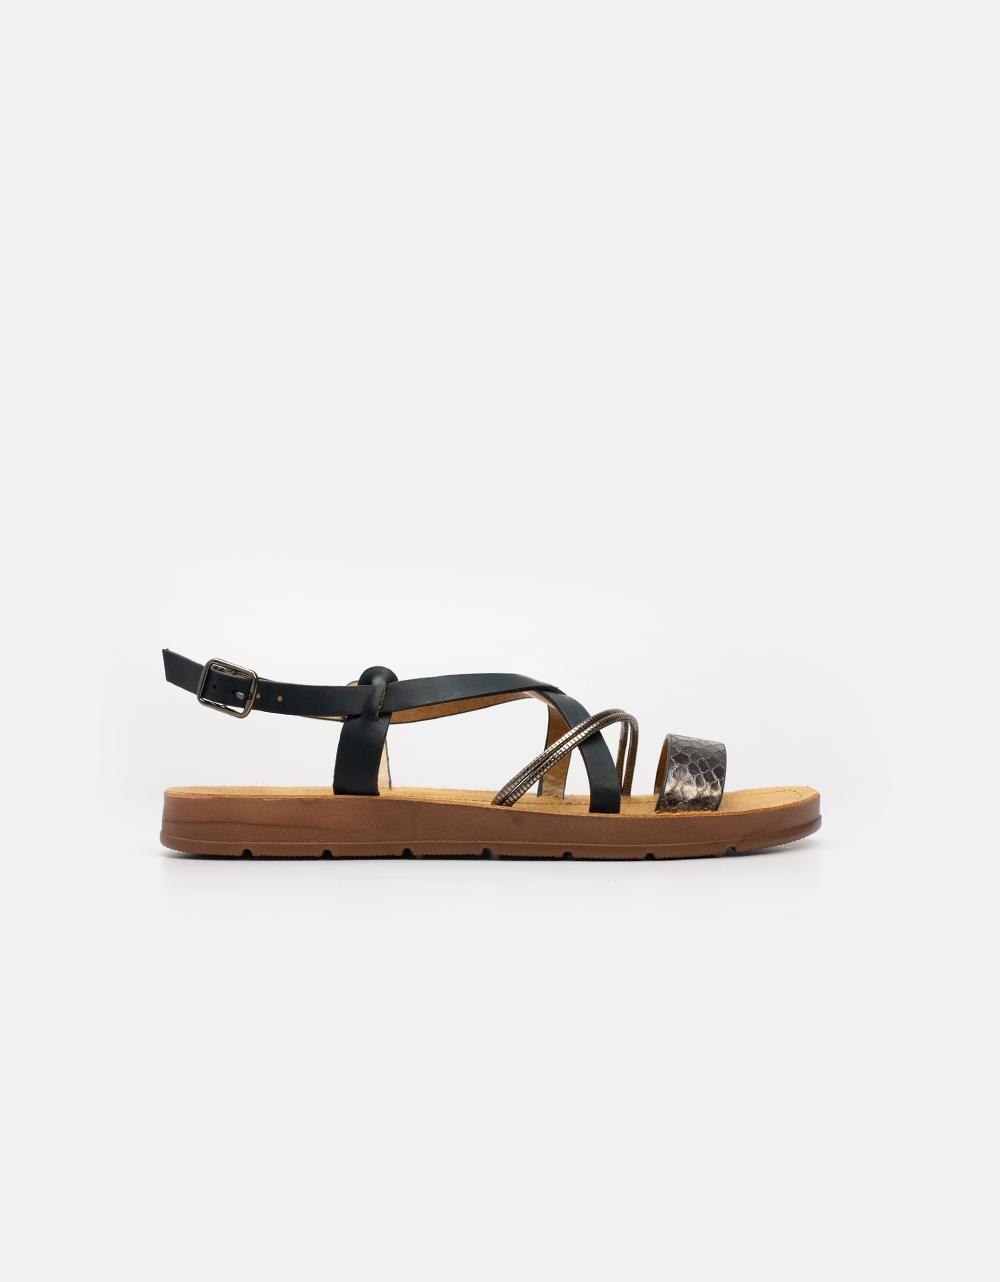 Εικόνα από Γυναικεία σανδάλια με μεταλλιζέ λεπτομέρειες Μαύρο